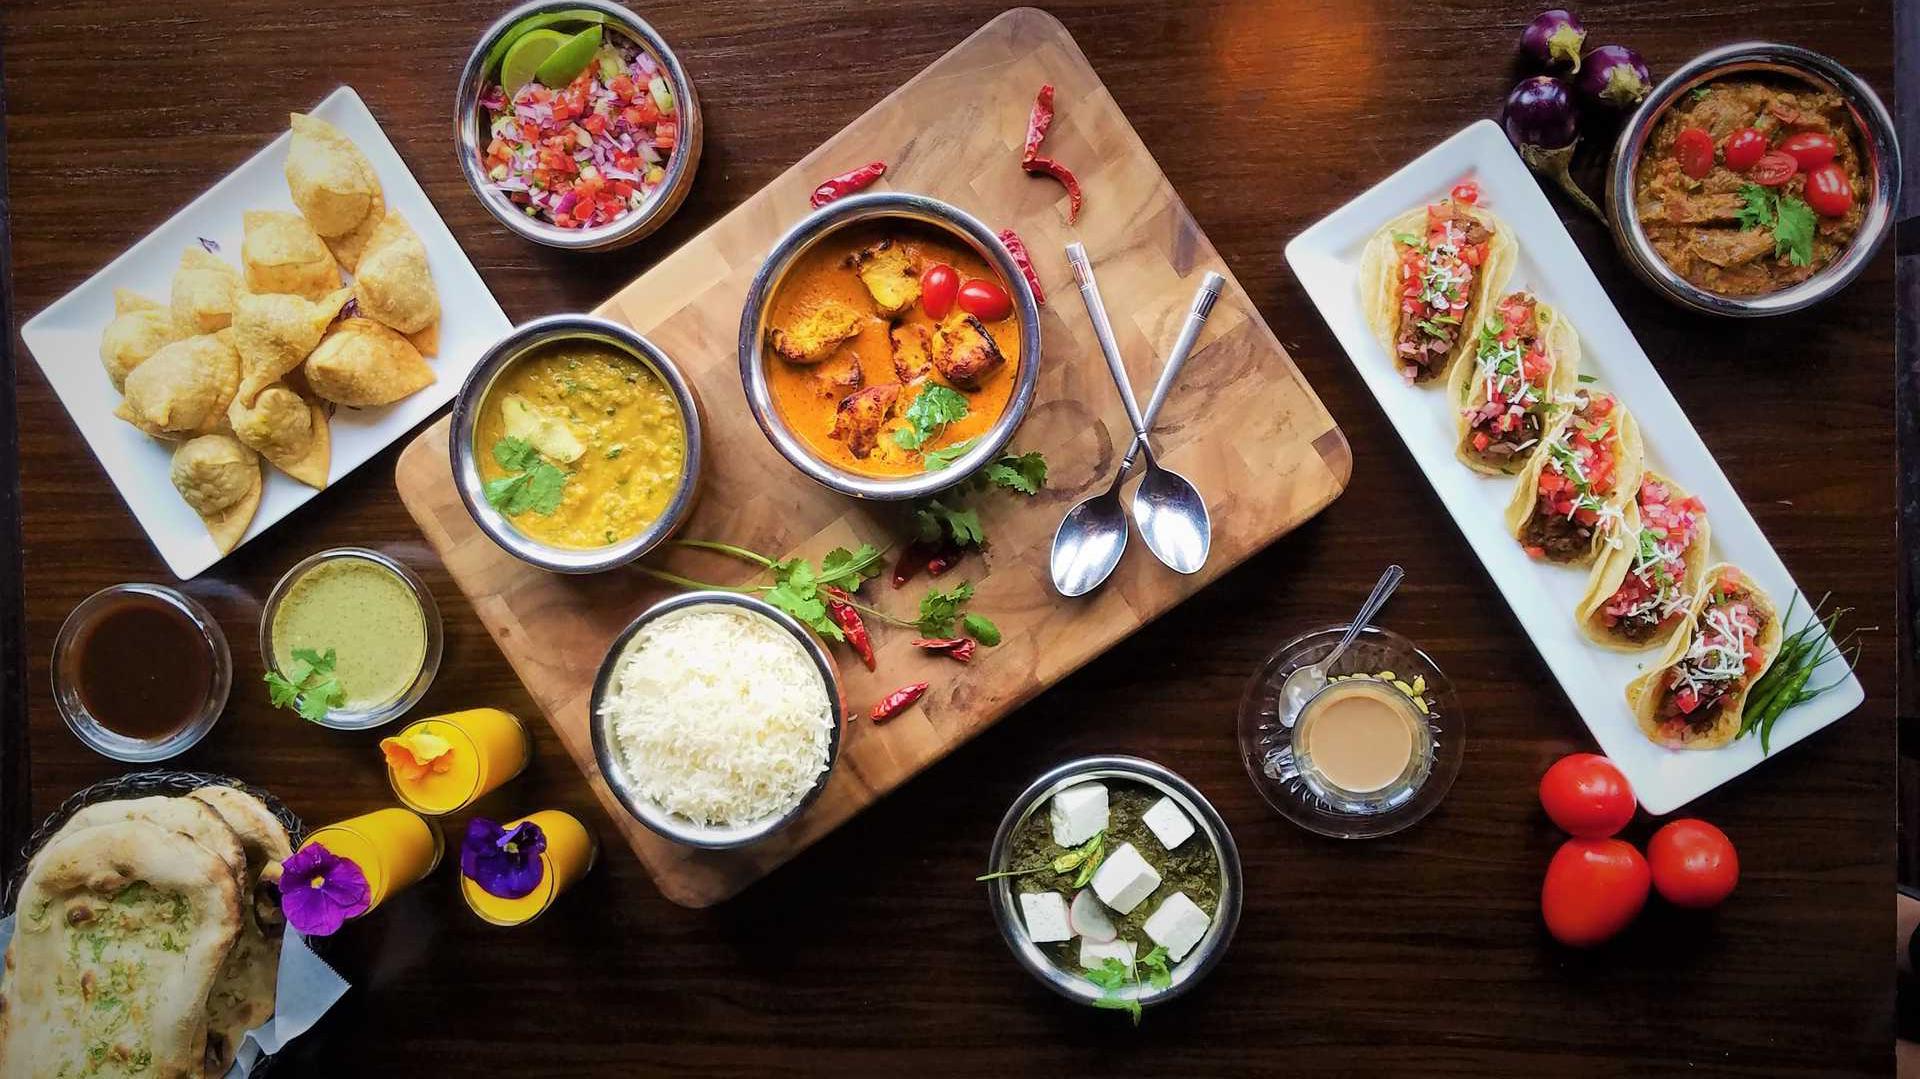 tiffinHunt-Cuisines-Tiffin Service in Toronto